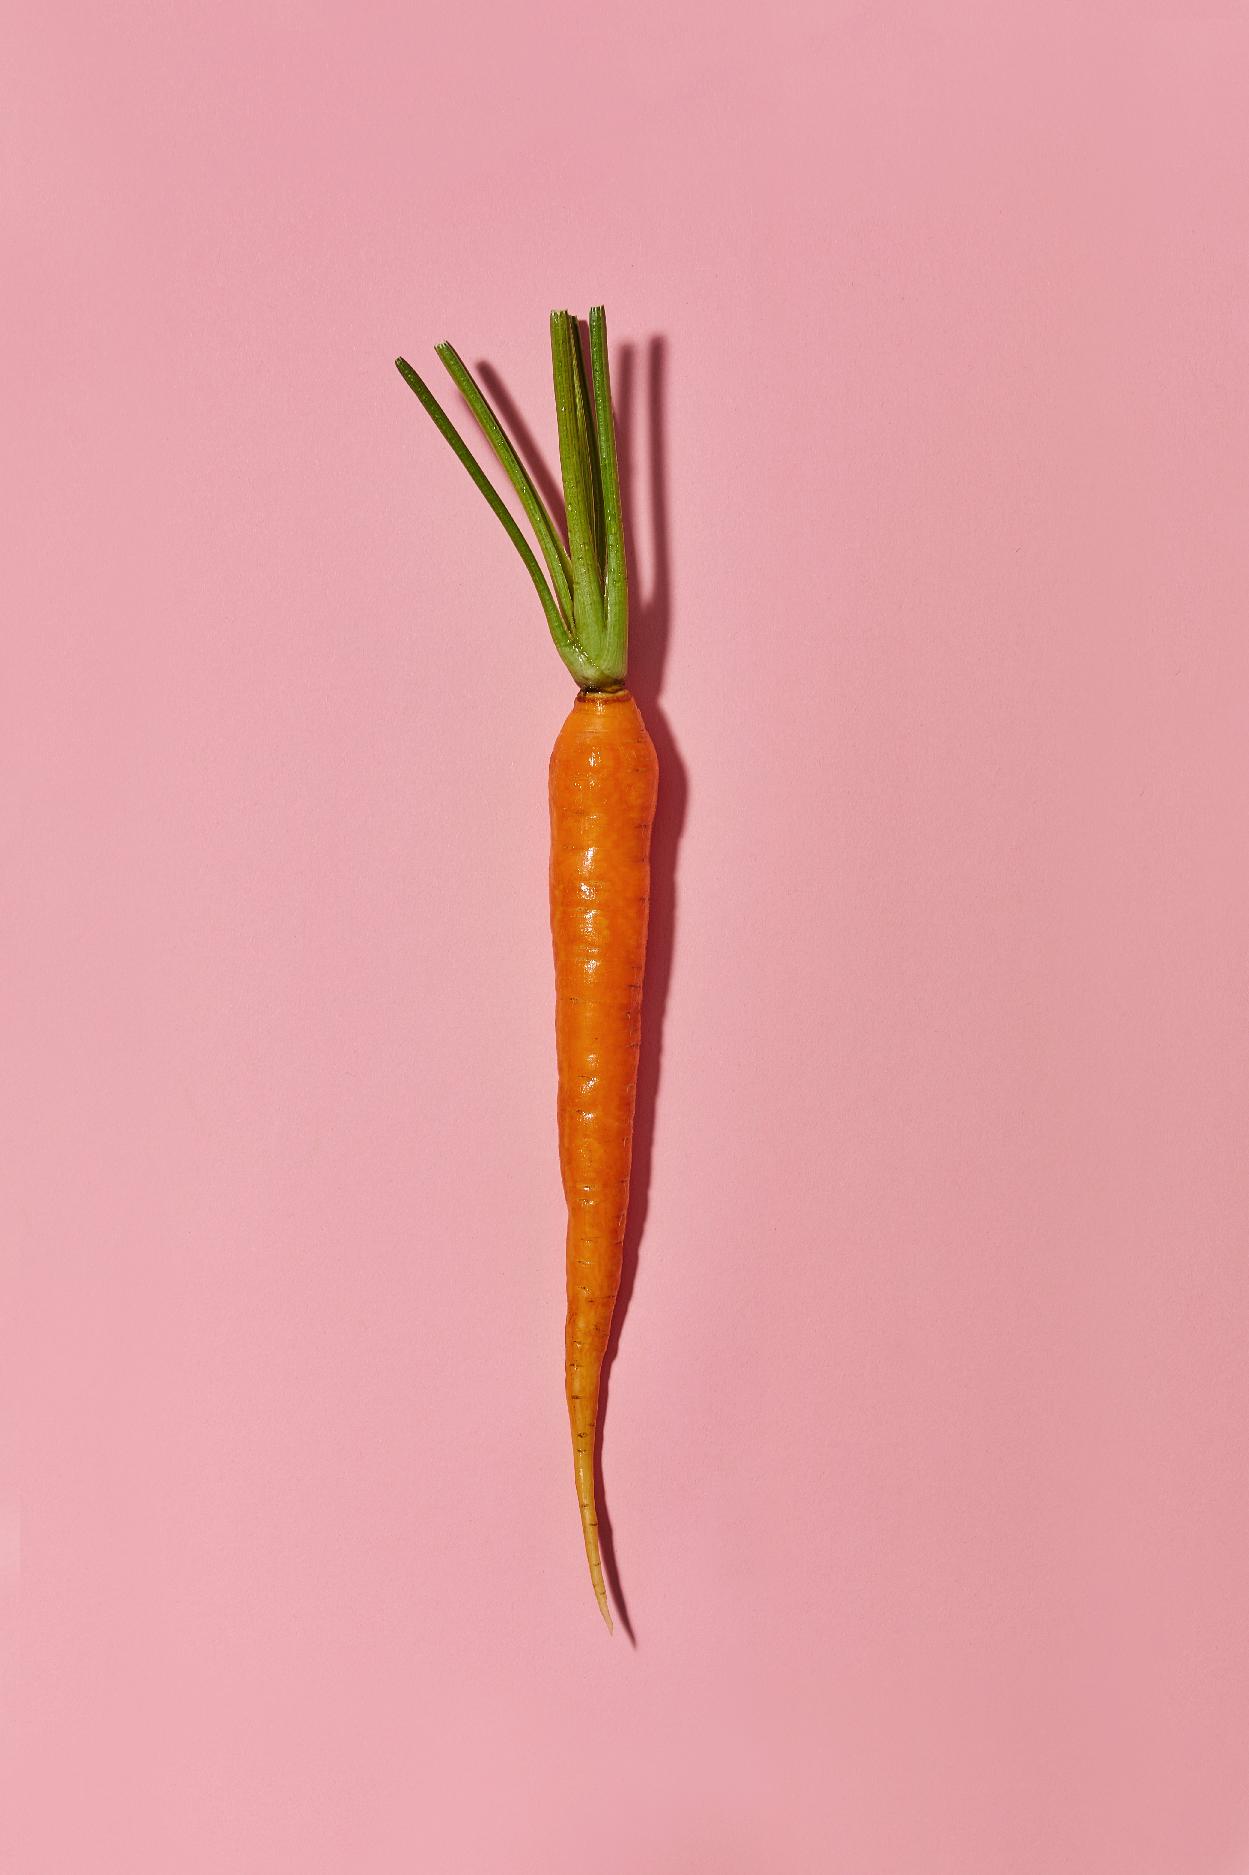 pickles-blog-carrot-on-pink-v1-FINAL.jpg